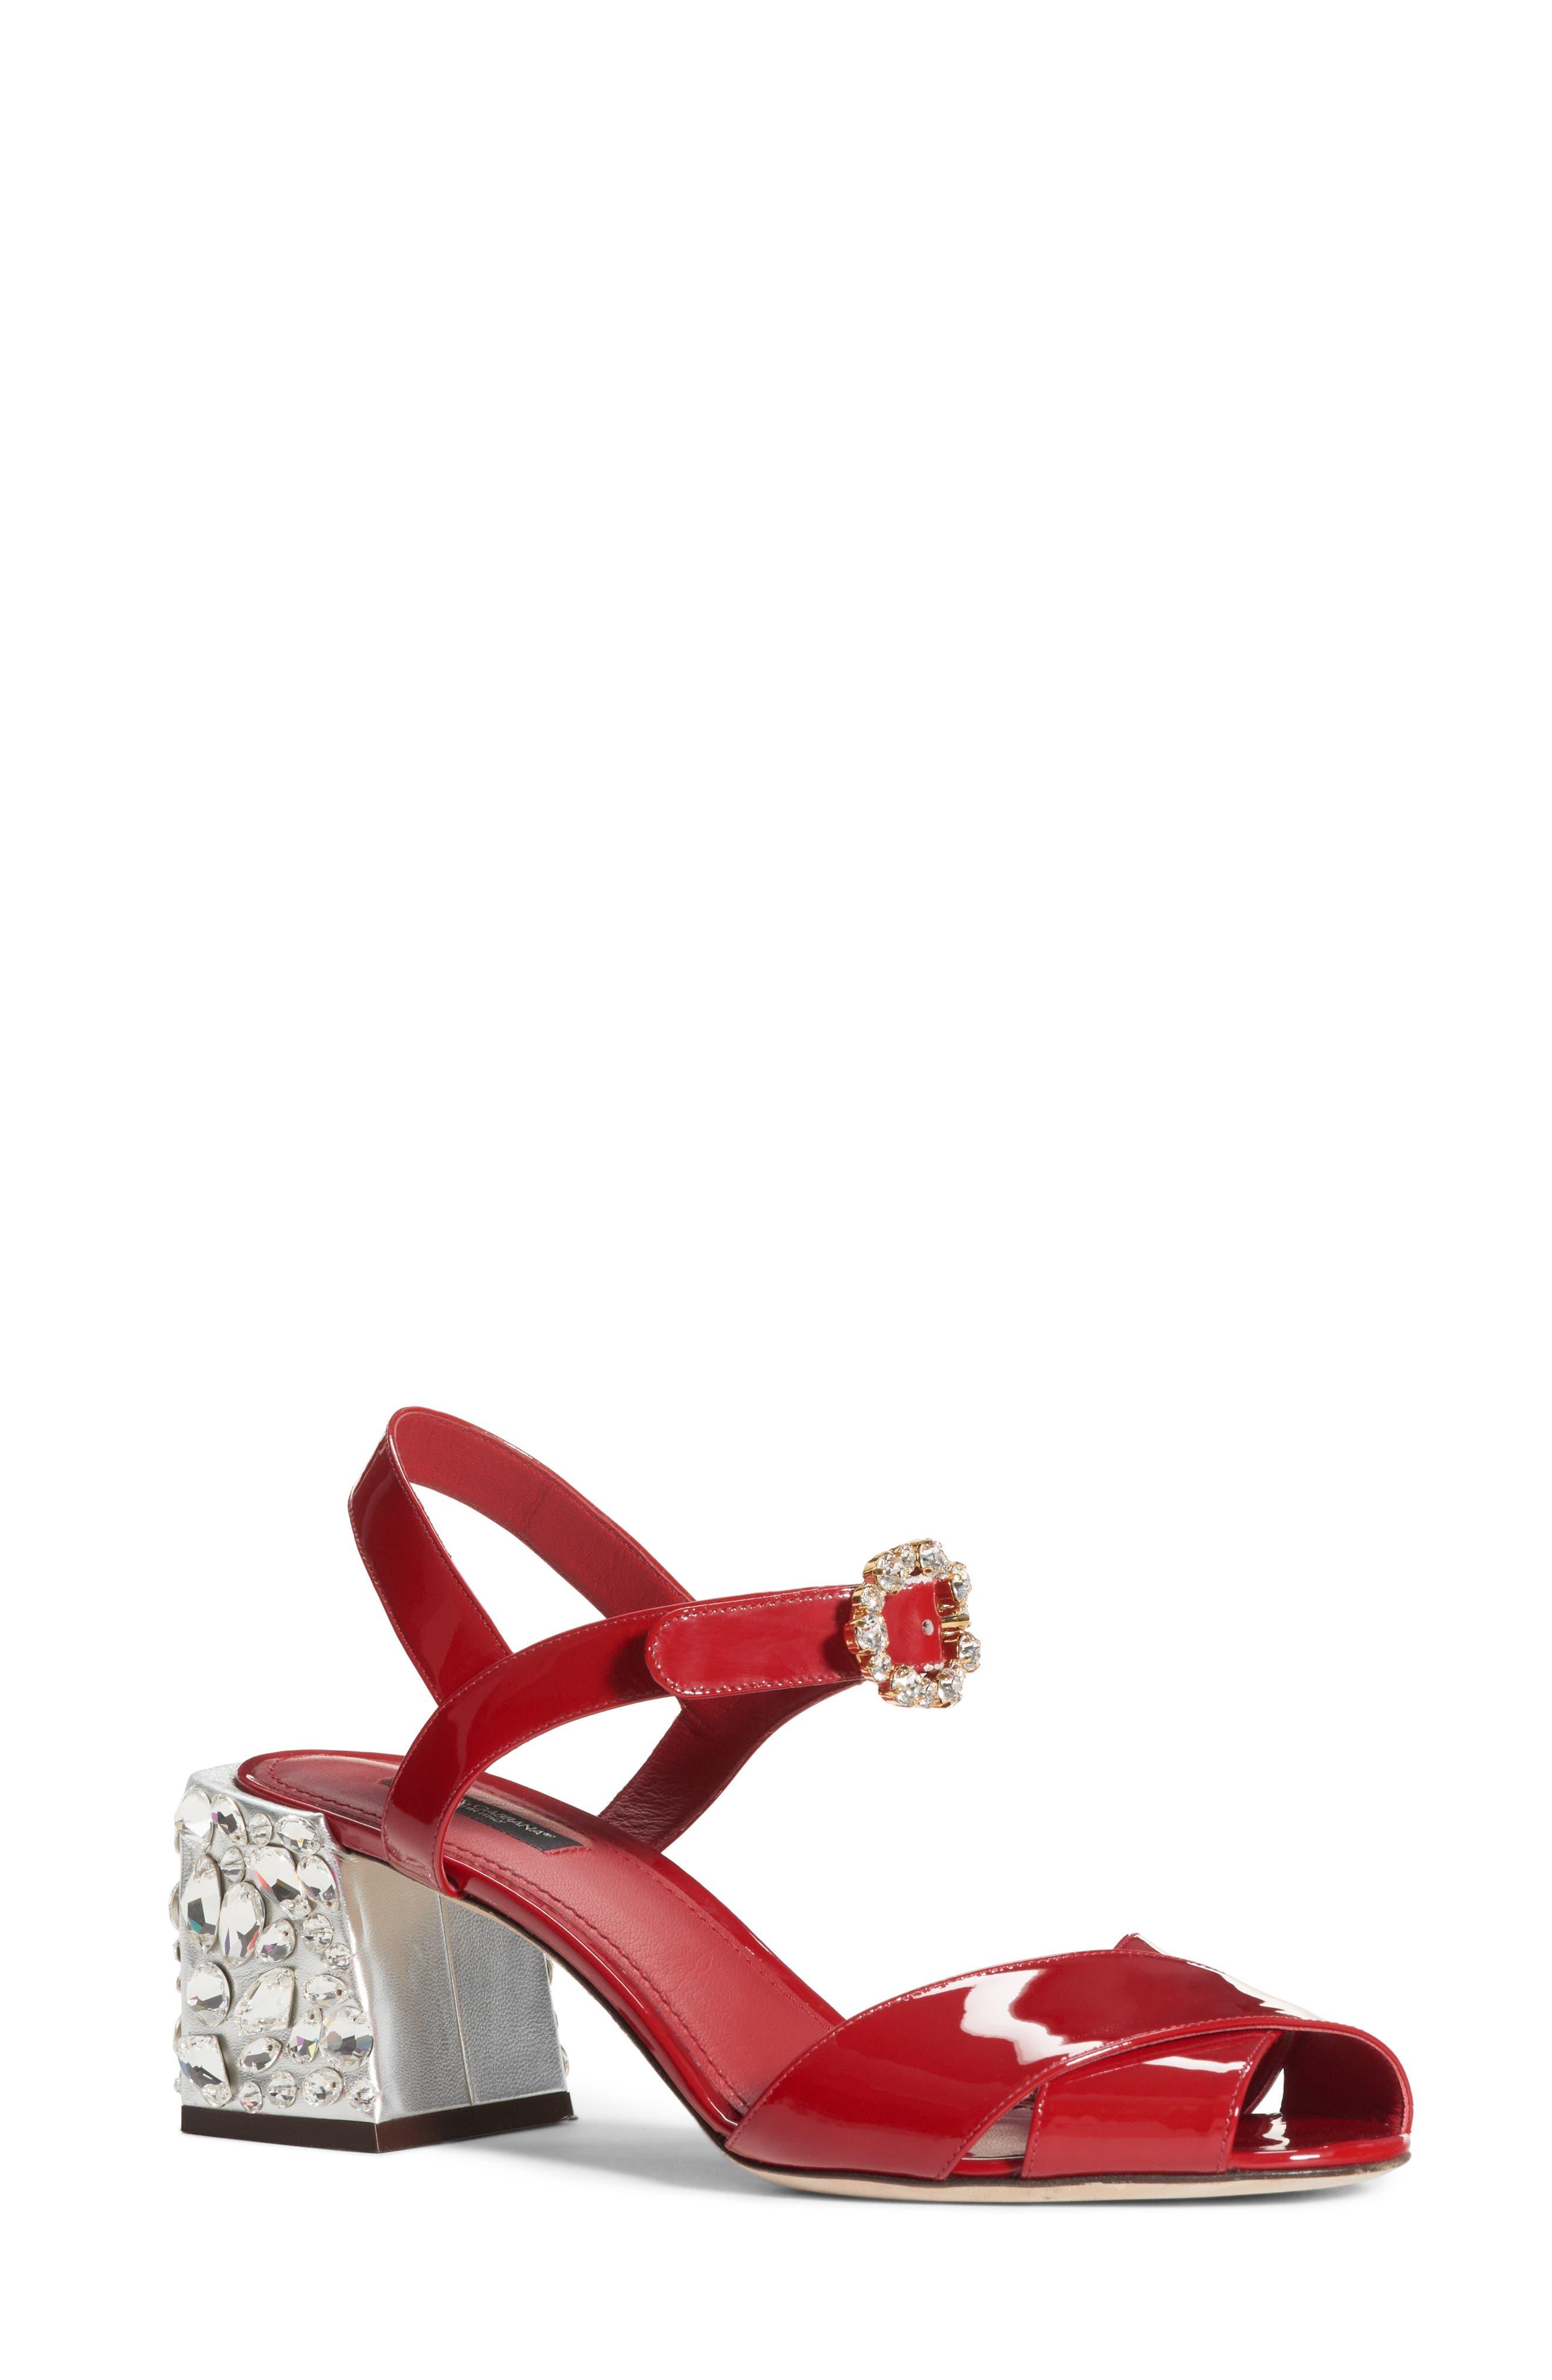 Alternate Image 1 Selected - Dolce&Gabbana Crystal Embellished Sandal (Women)